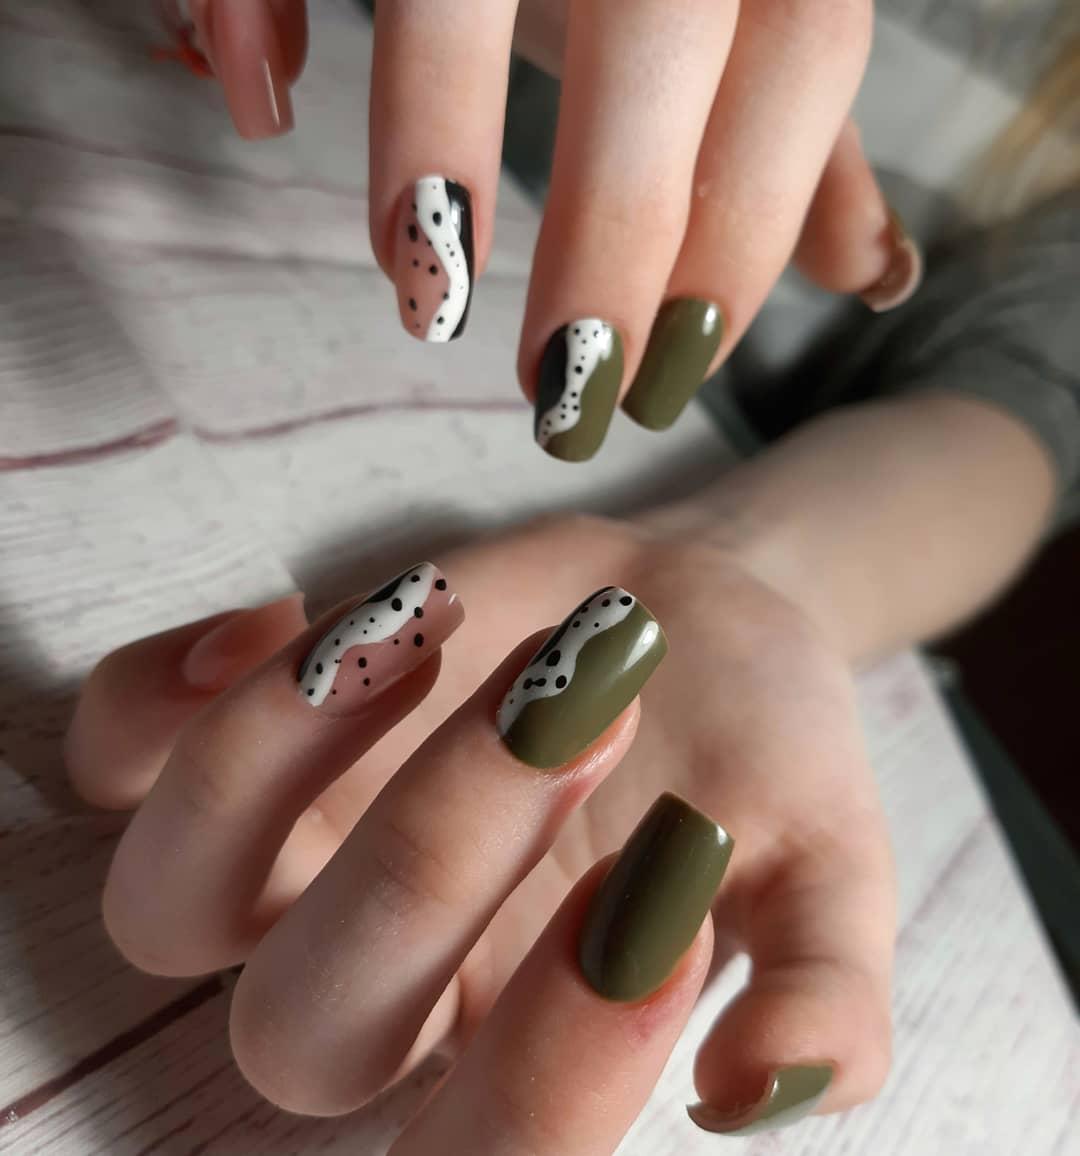 Маникюр с абстрактным рисунком в оливковом цвете на длинные ногти.